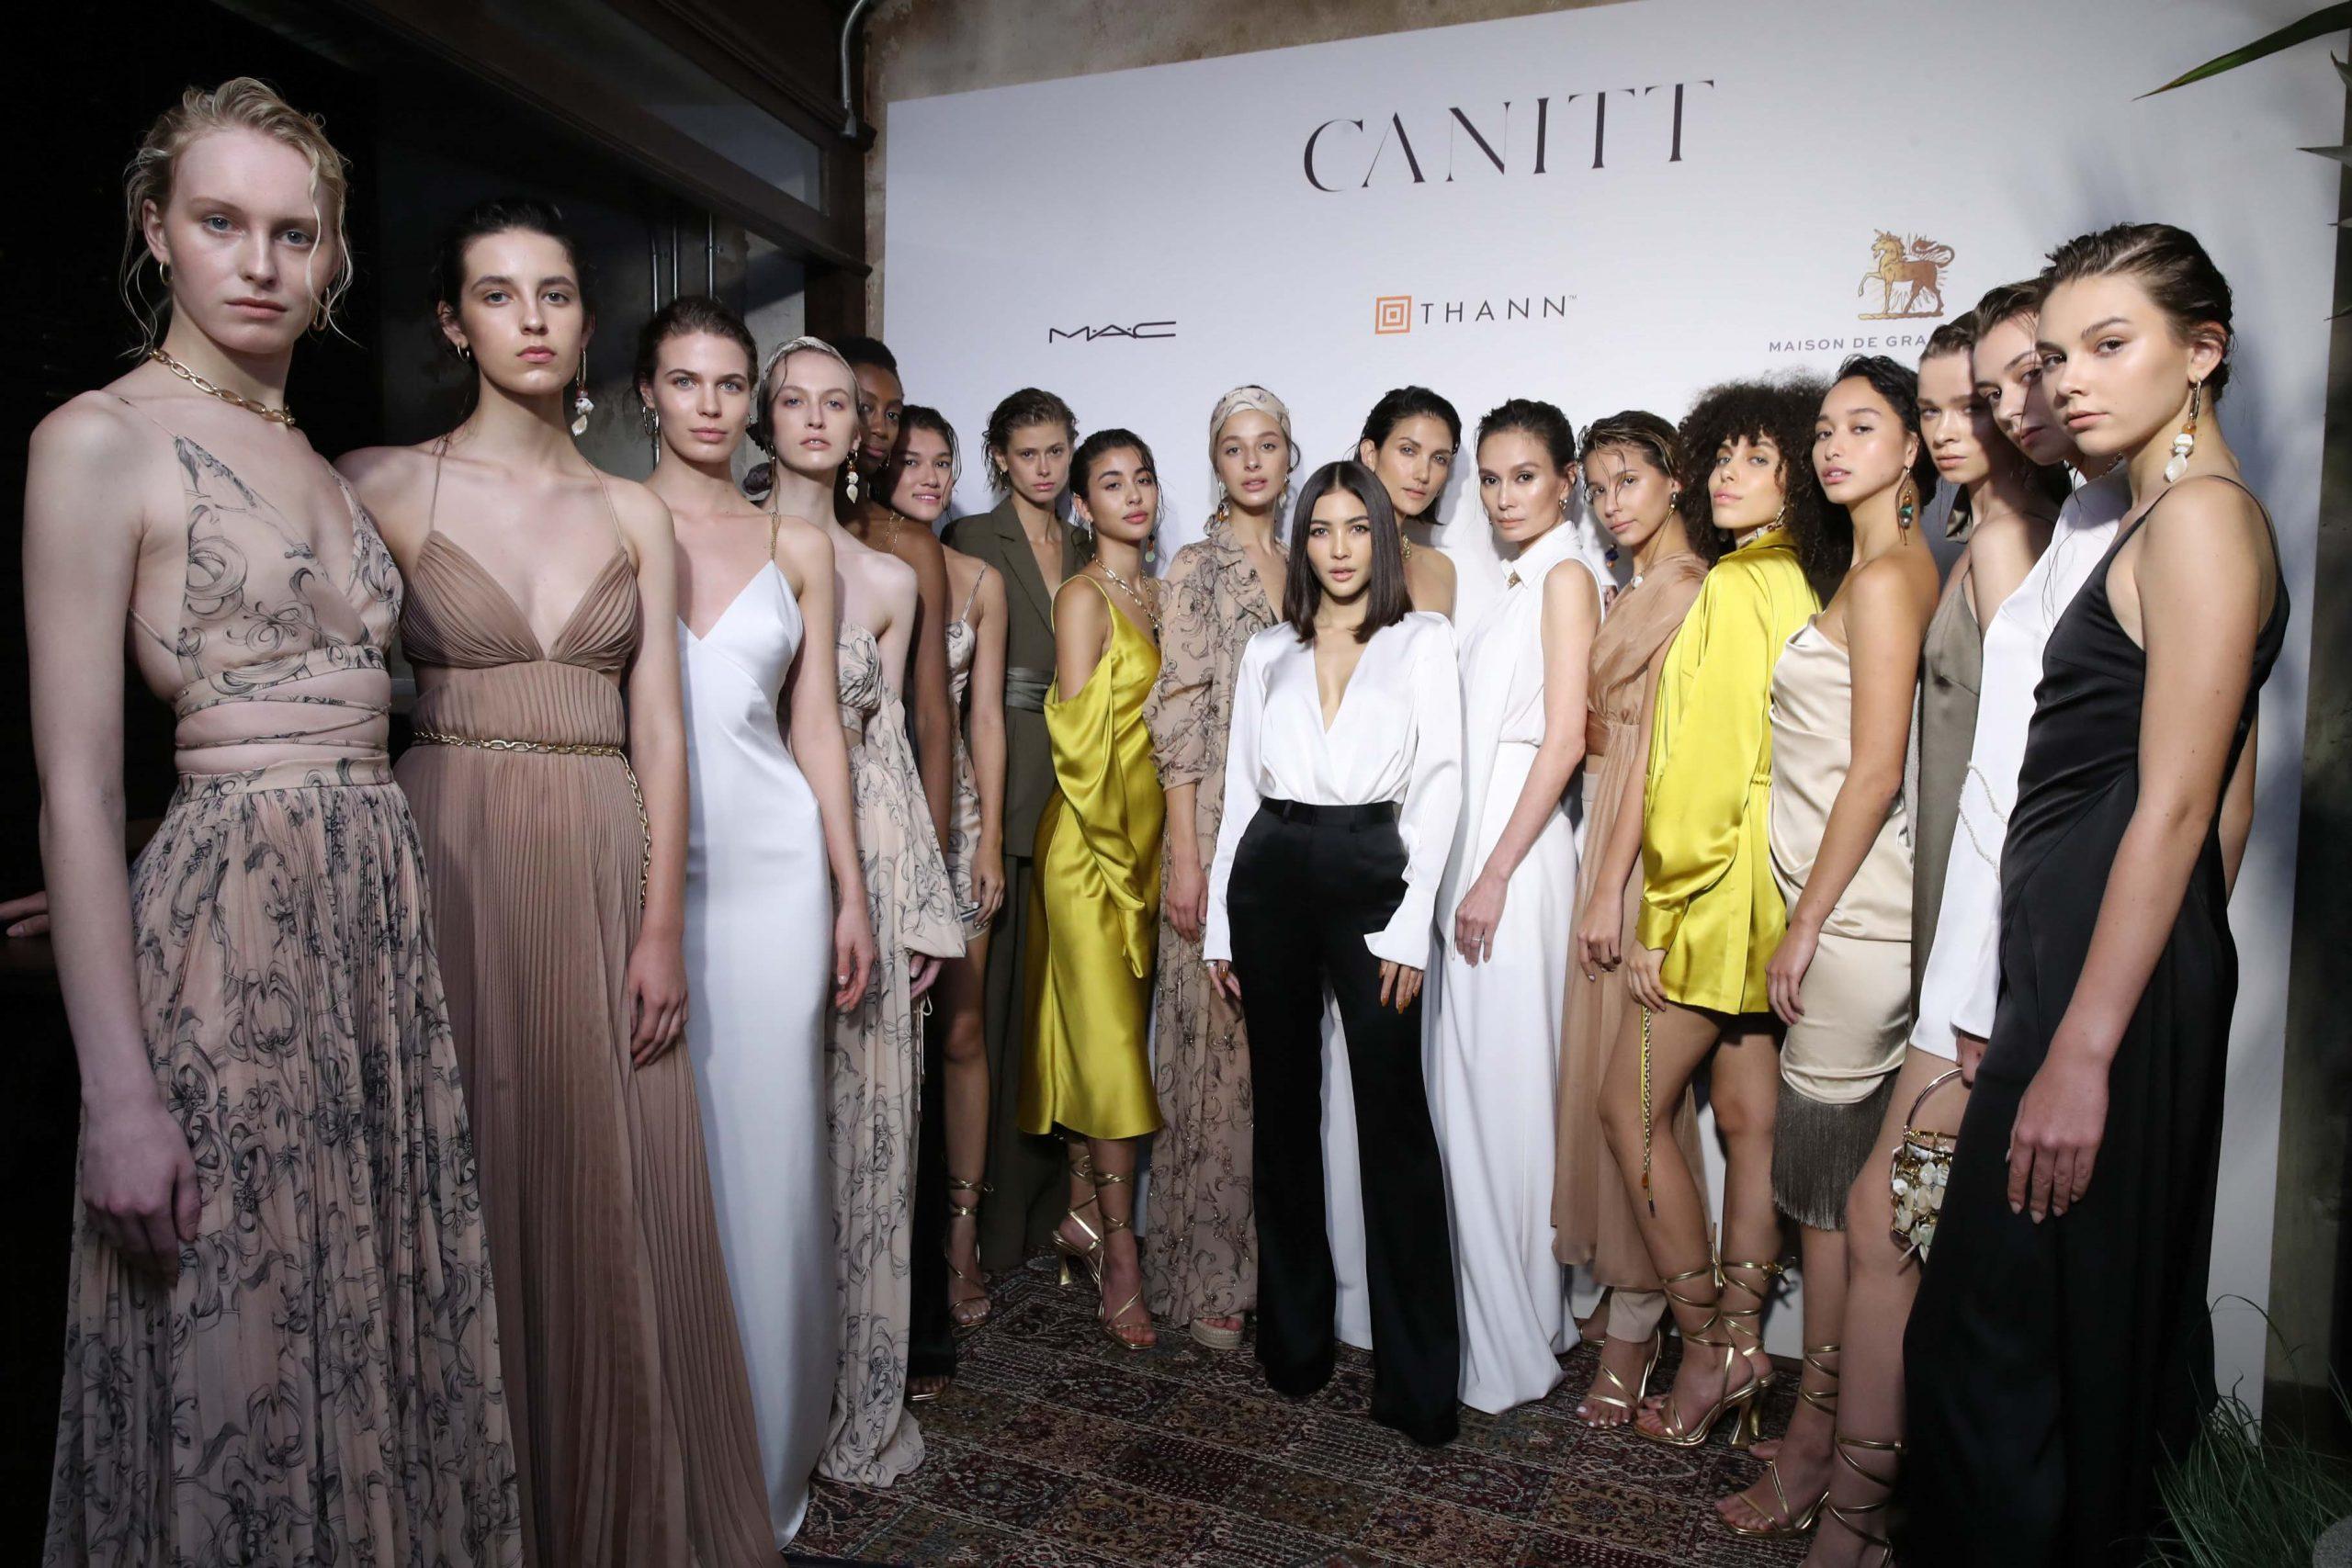 'คานิท' เนรมิตรันเวย์หรูโชว์ชุดสวยสะกดทุกสายตา ต้อนรับฤดูกาลสปริง/ซัมเมอร์ 2020